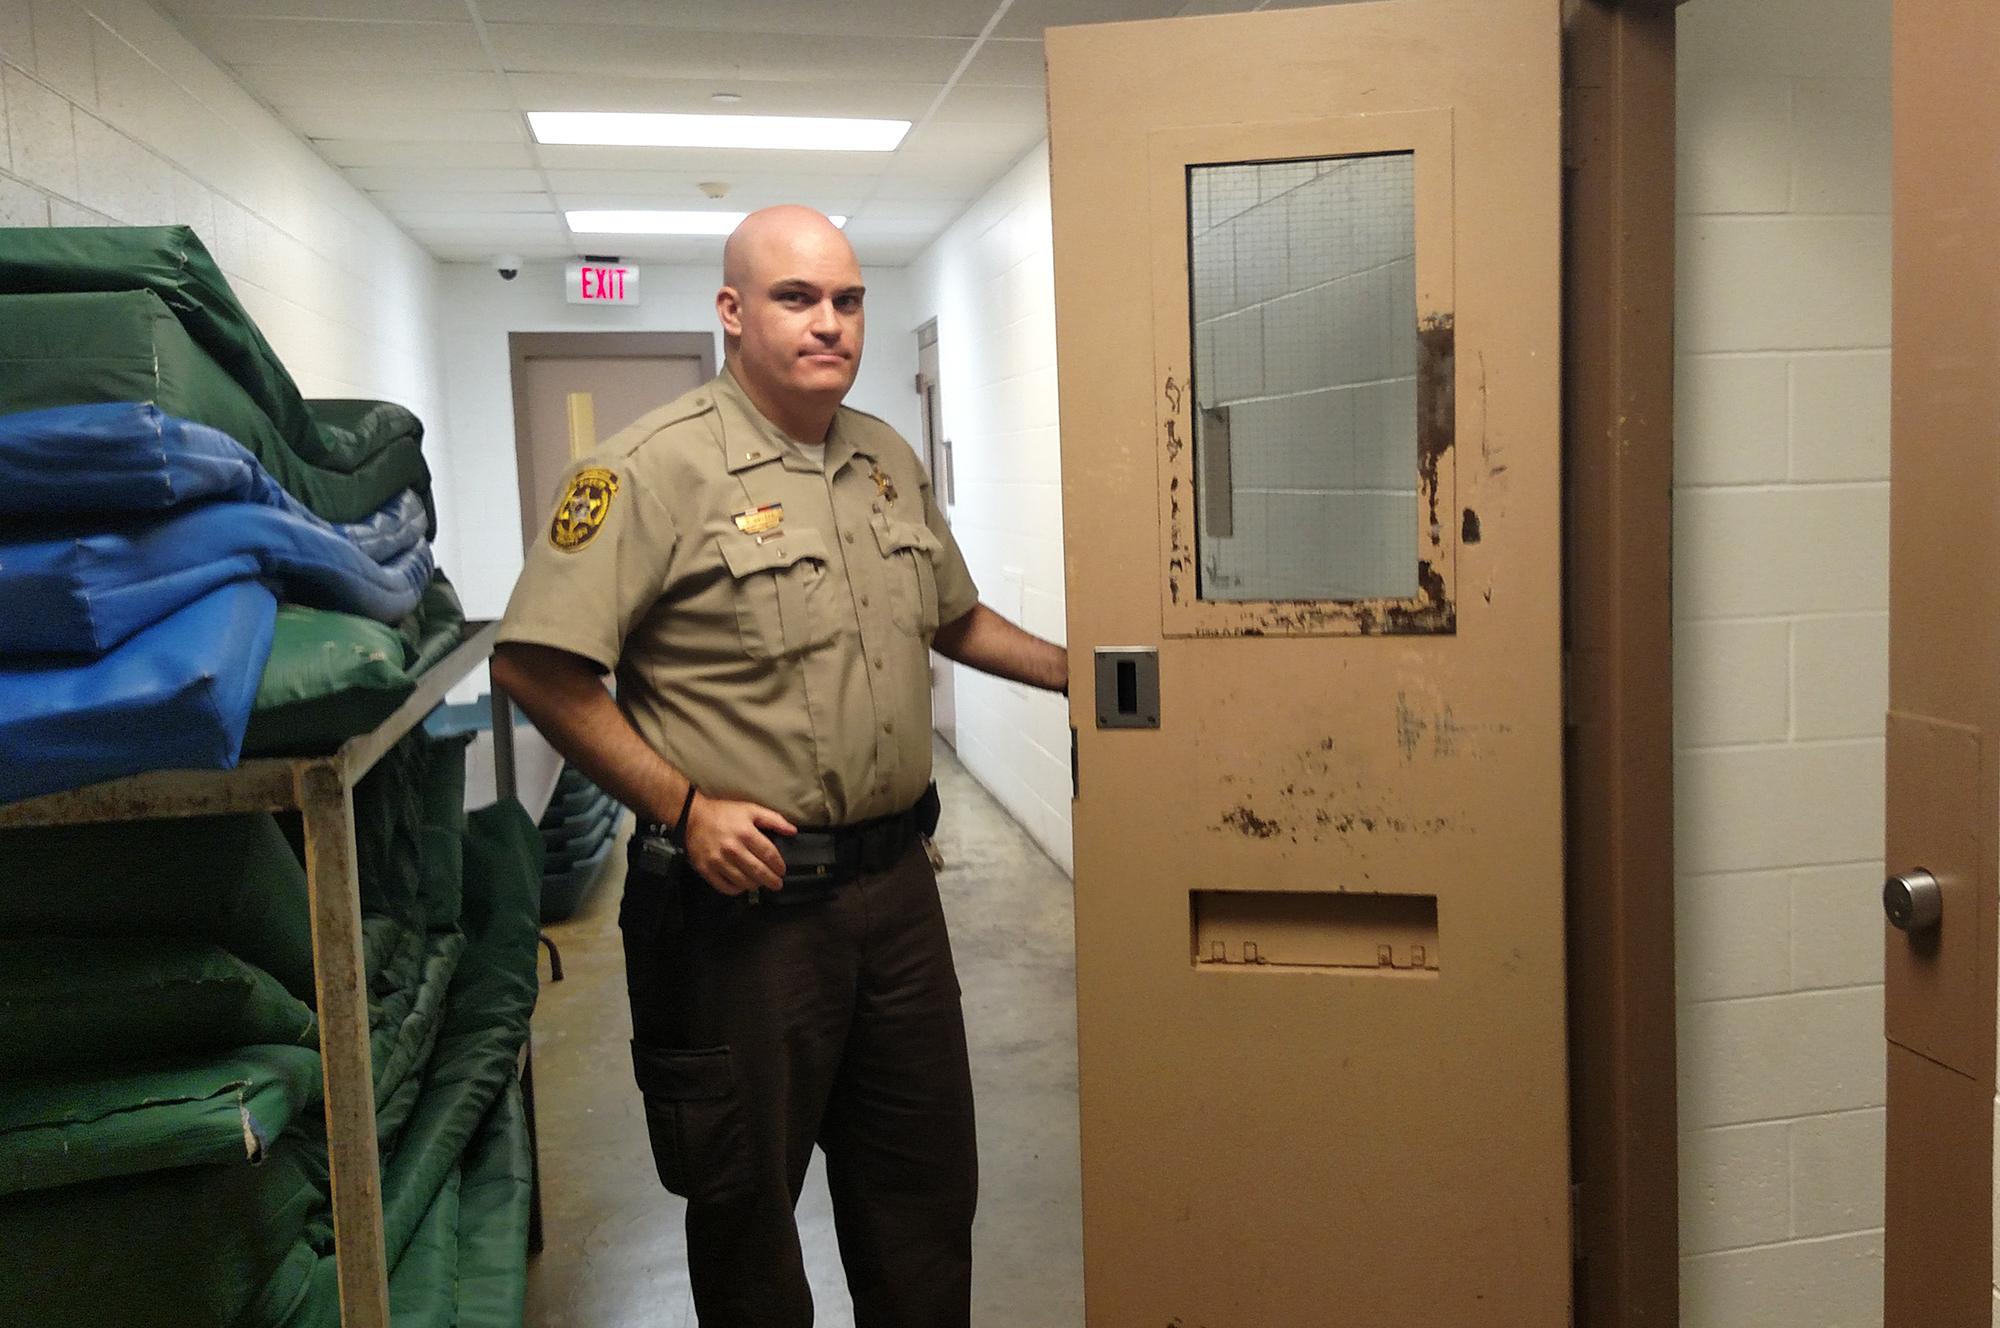 County Jails Struggle To Treat Mentally Ill Inmates   Health News